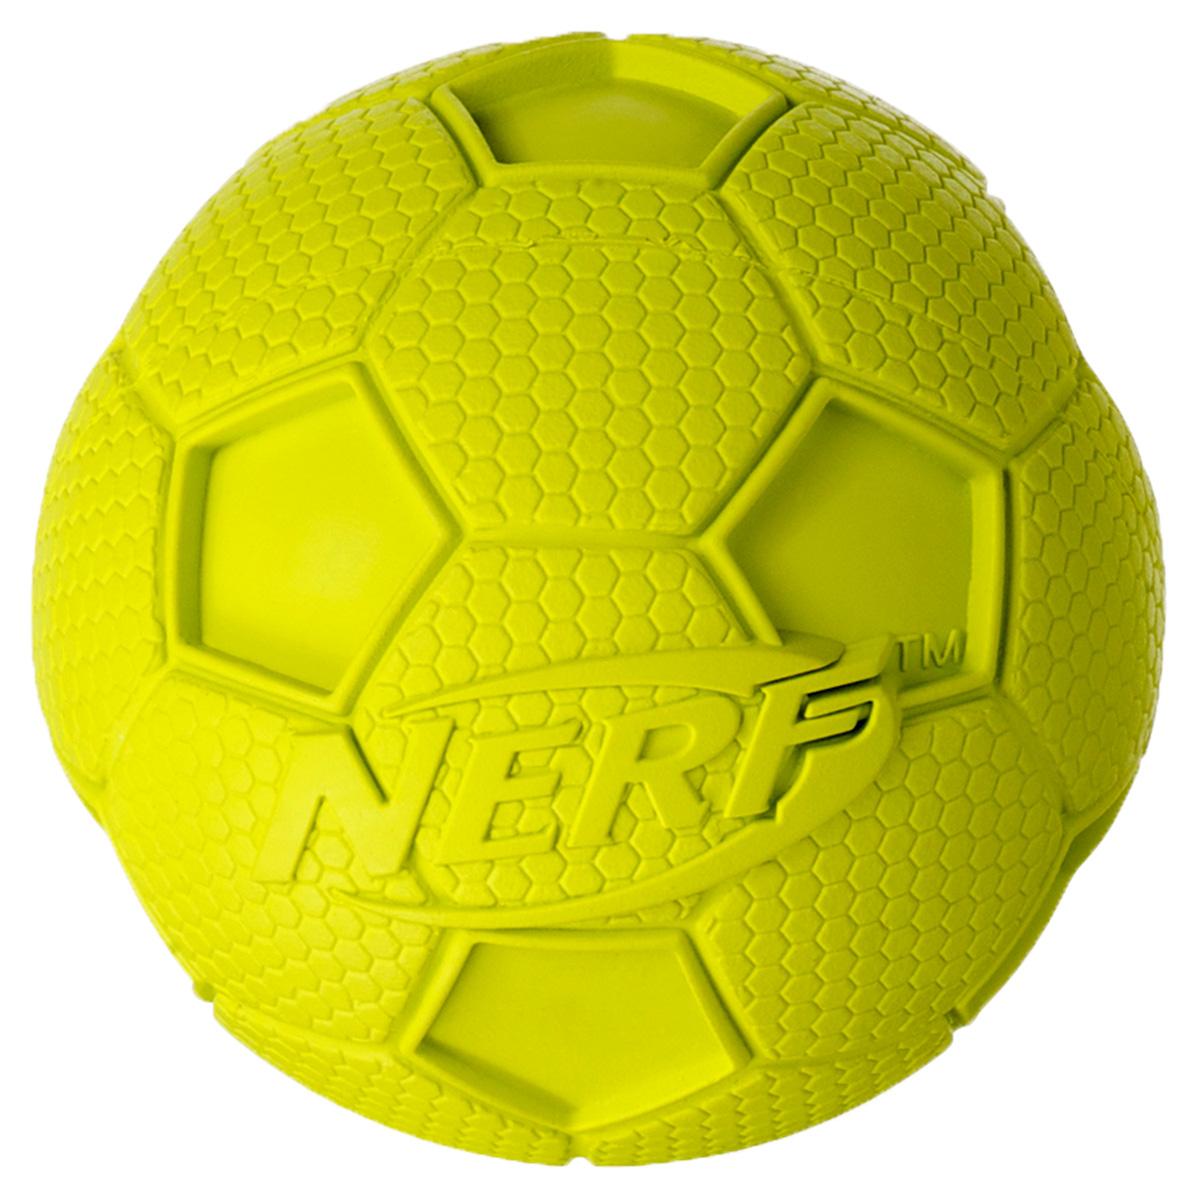 Игрушка для собак Nerf Мяч футбольный, с пищалкой, цвет: желтый, 10 см22200Мяч Nerf выполнен из сверхпрочной резины. Оптимален для игры с собакой дома и на свежем воздухе.Подходит собакам с самой мощной челюстью!Высококачественные прочные материалы, из которых изготовлена игрушка, обеспечивают долговечность использования.Звук мяча дополнительно увлекает собаку игрой.Яркие привлекательные цвета.Размер L: 10 см.